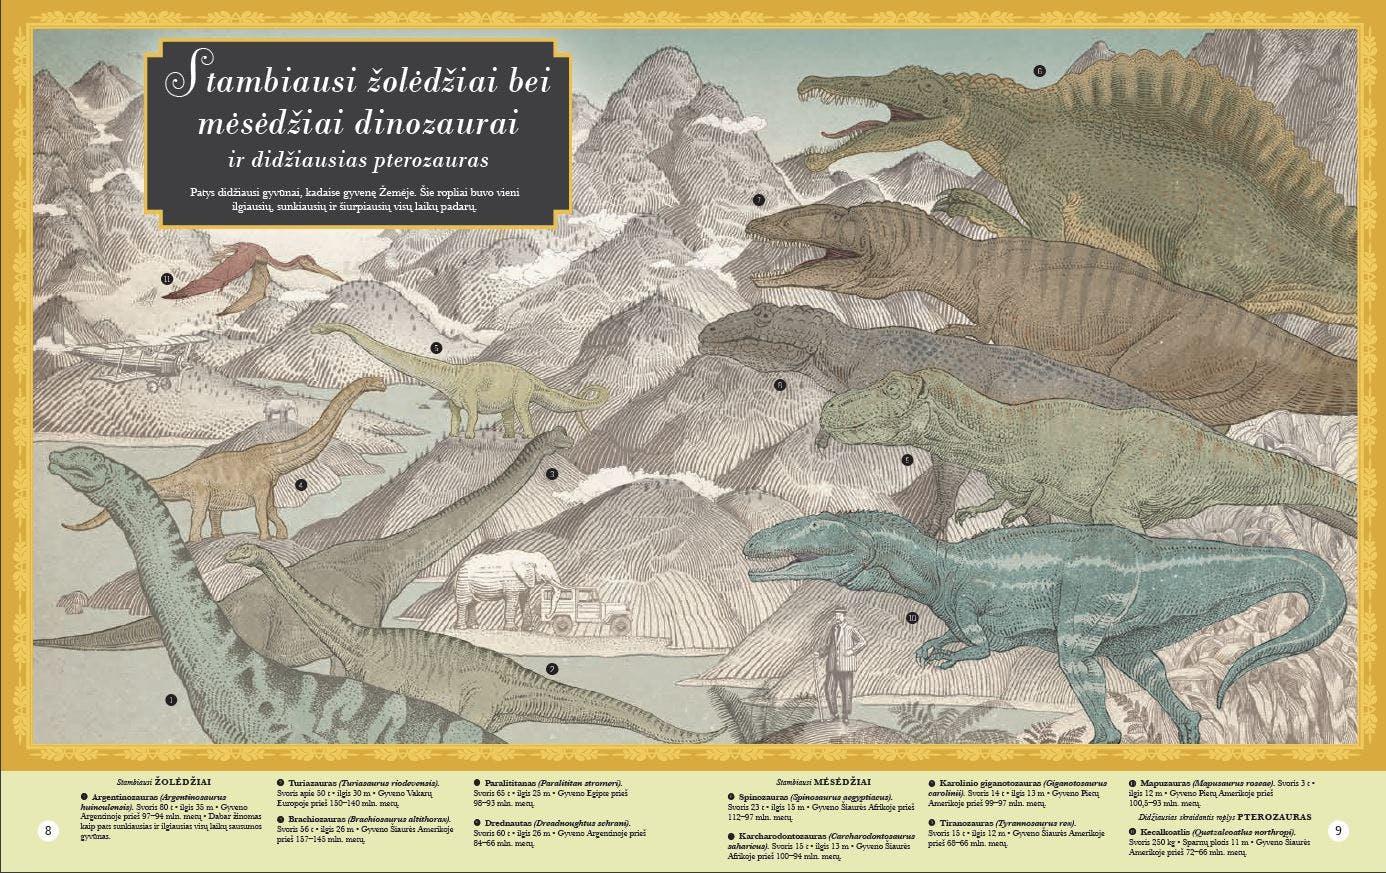 """Enciklopedija """"Didžiulis Kalnas, Bedugnis vandenynas"""". Didžiausi dinozaurai"""